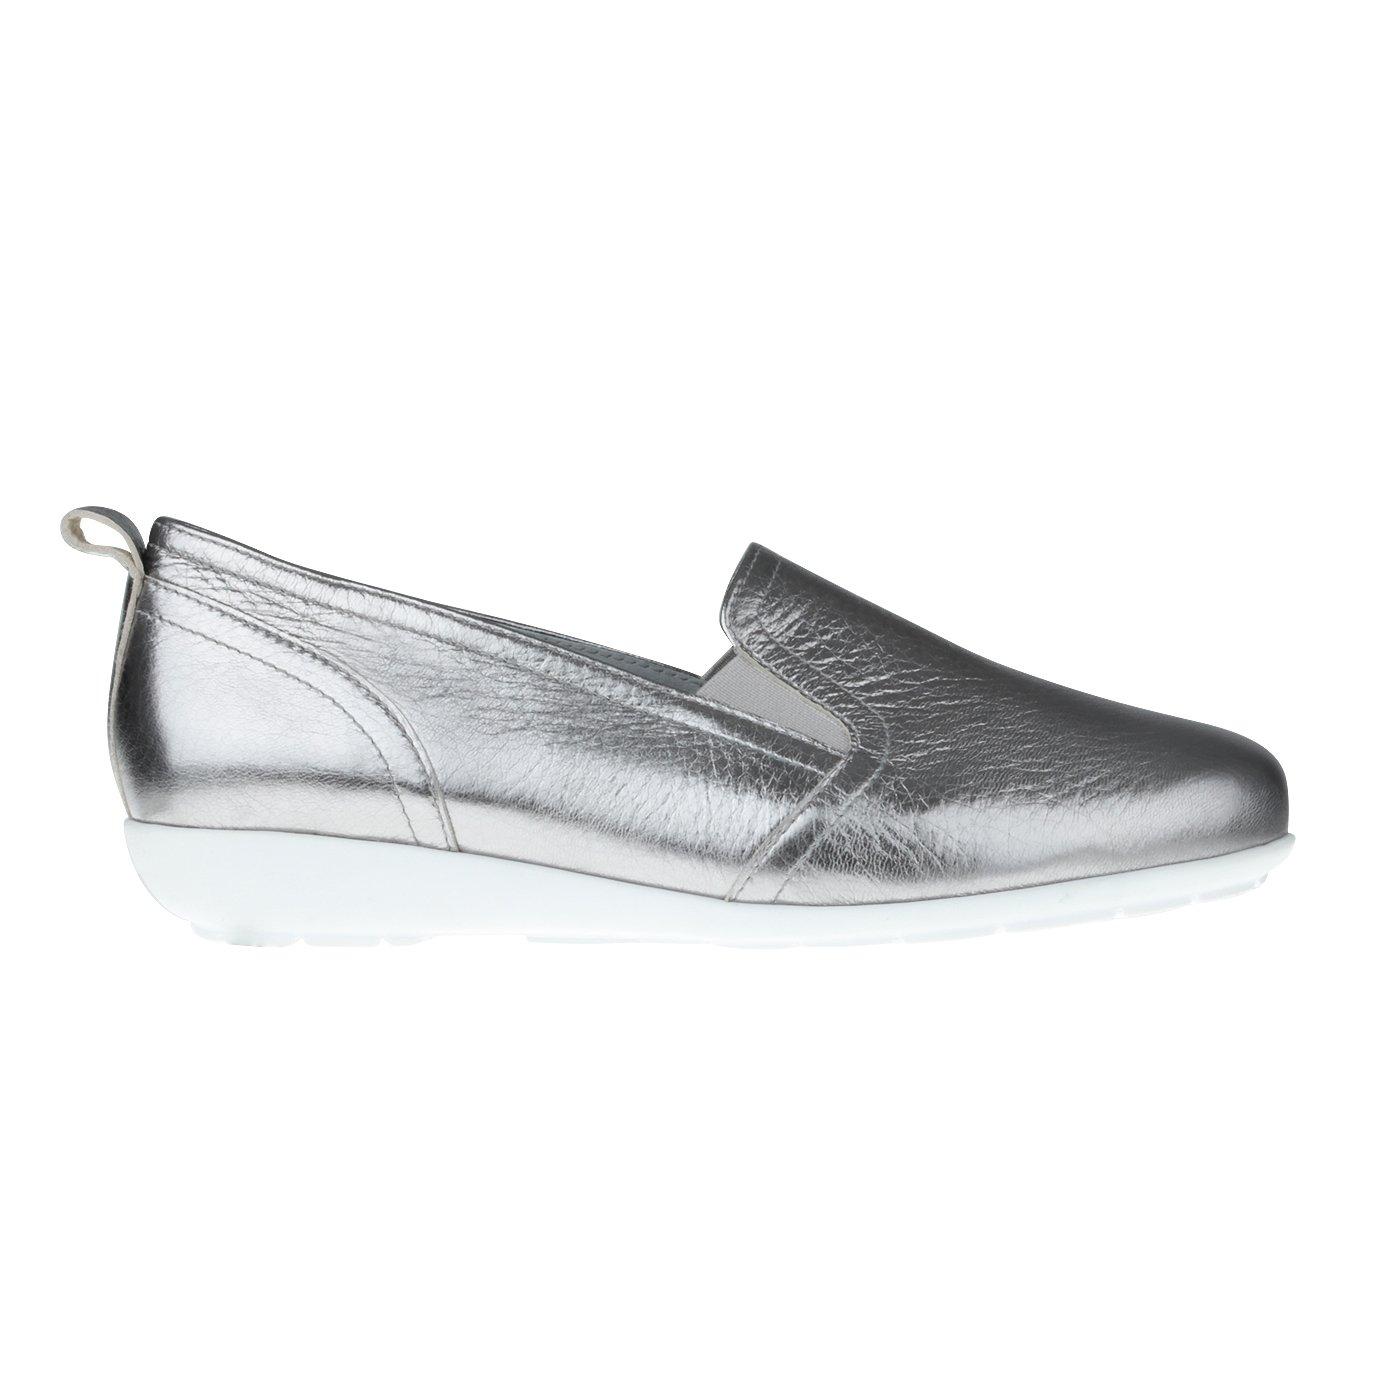 Tessamino in Damen Slipper aus Hirschleder in Tessamino Metallic Optik | modisch | Weite H | für Einlagen Silber 1e29ad